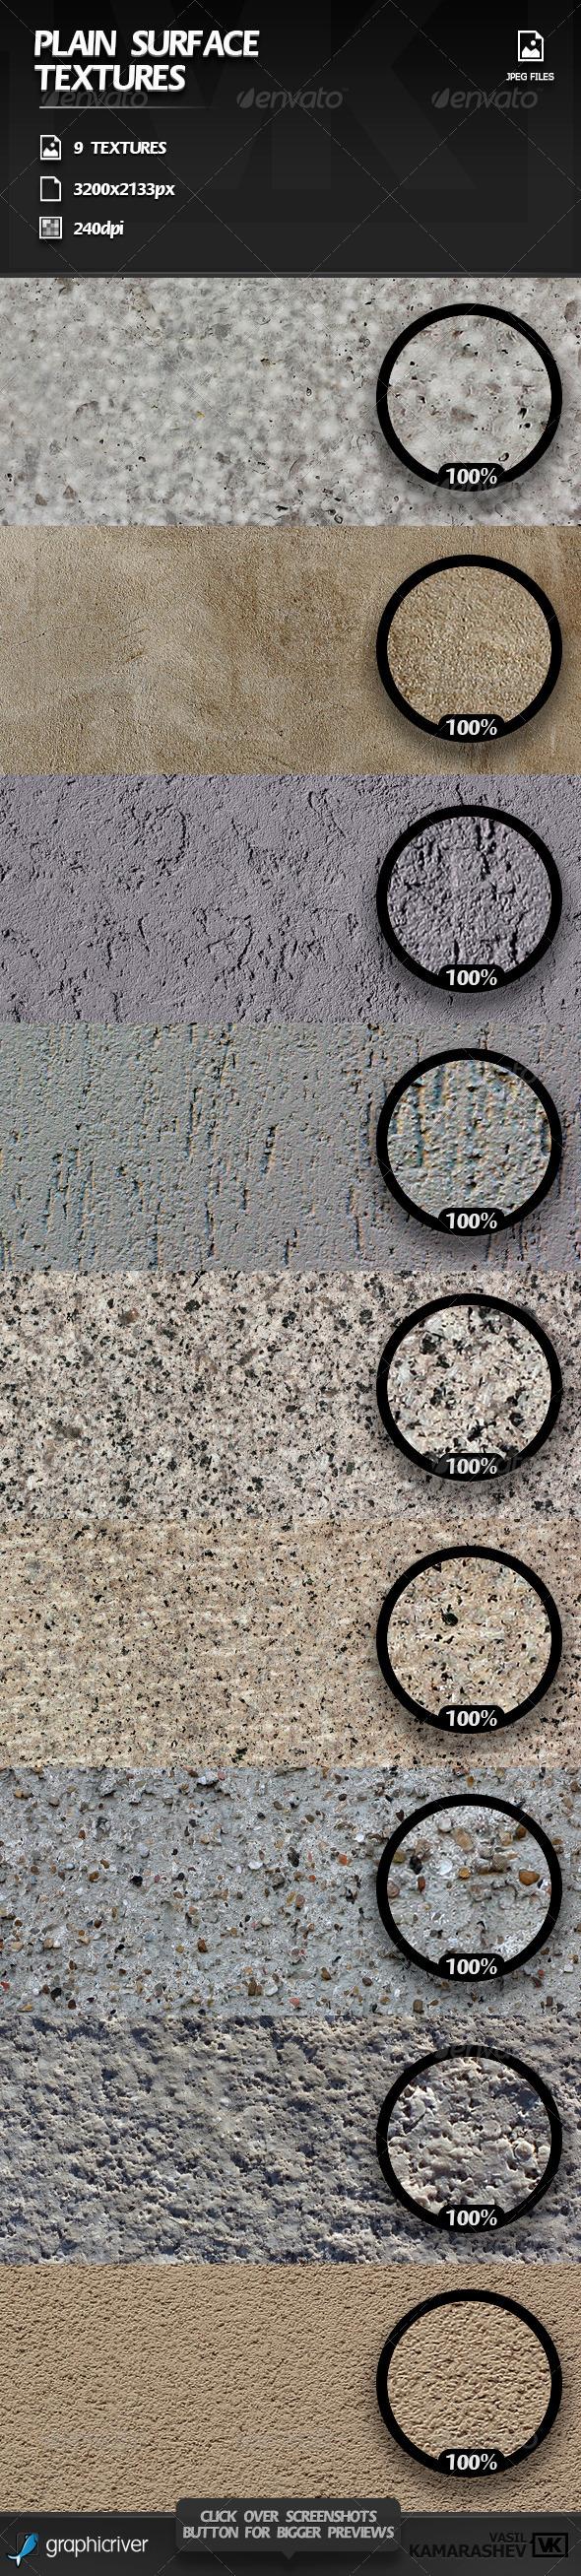 GraphicRiver Plain Surface Textures 6142086